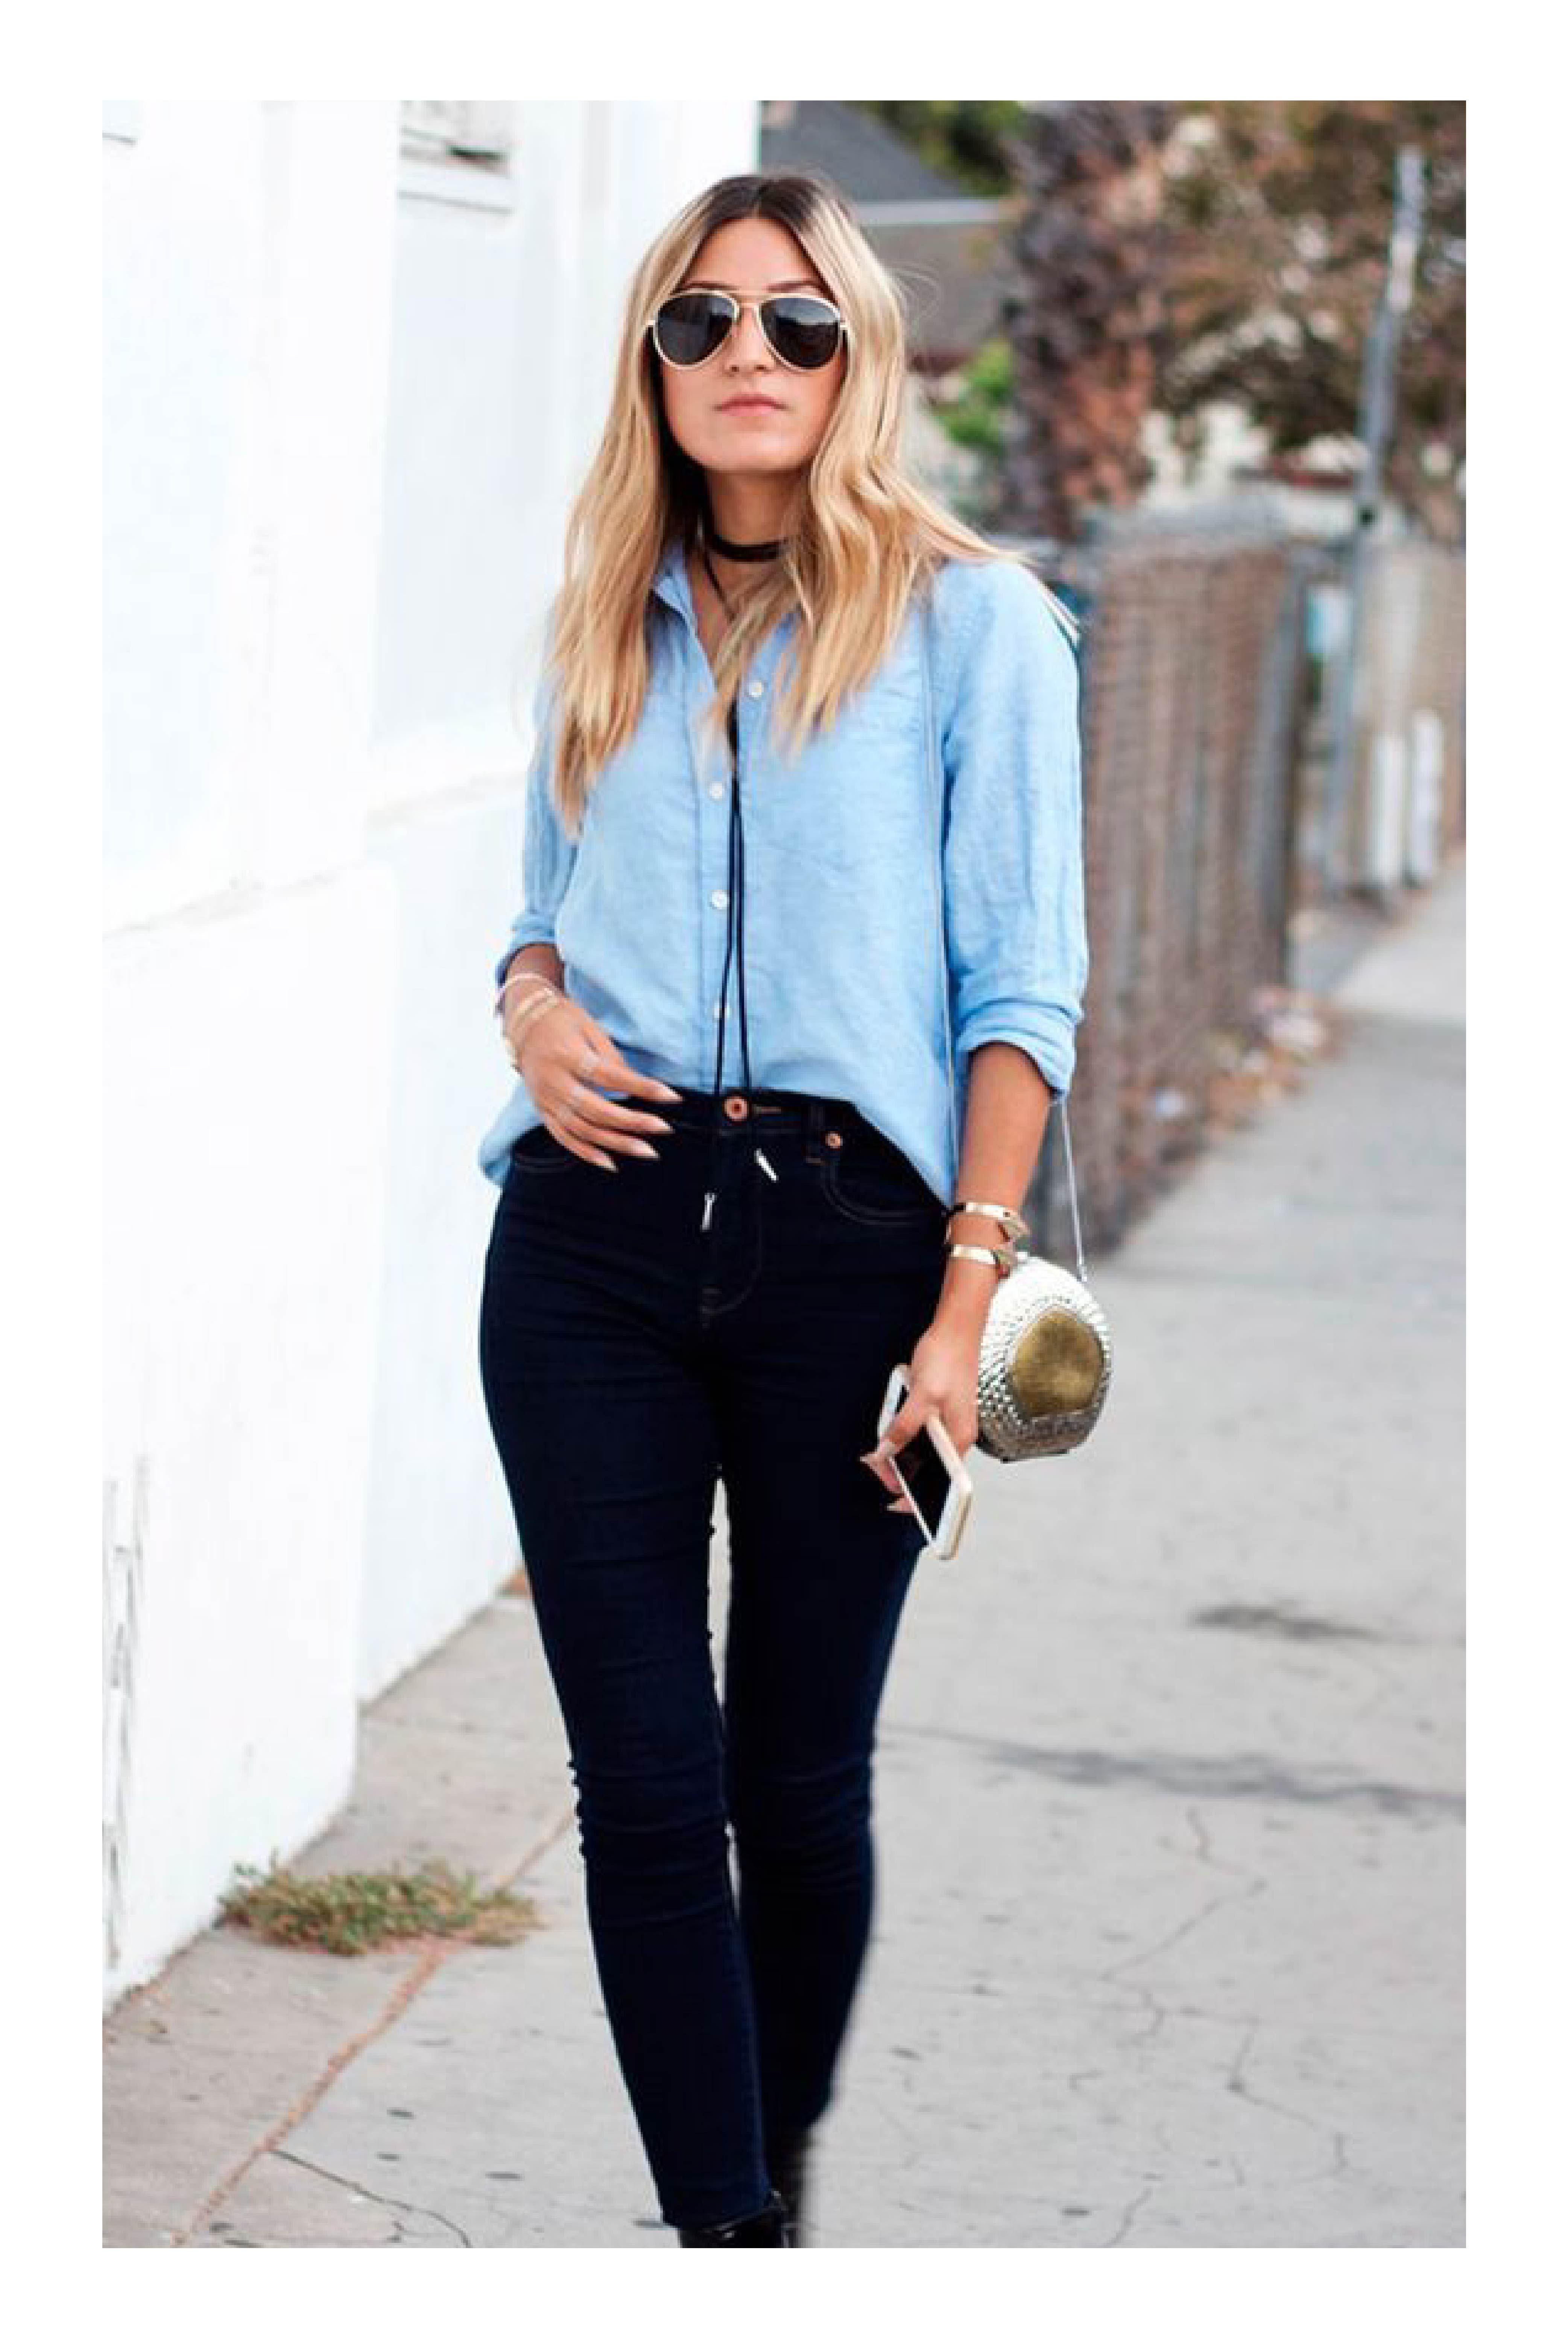 8e177d4b00 Combina tu blusa formal para lograr un look casual  TiZKKAmoda  blusa  azul   pantalón  negro  black  lentes  bolsa  casual  collar